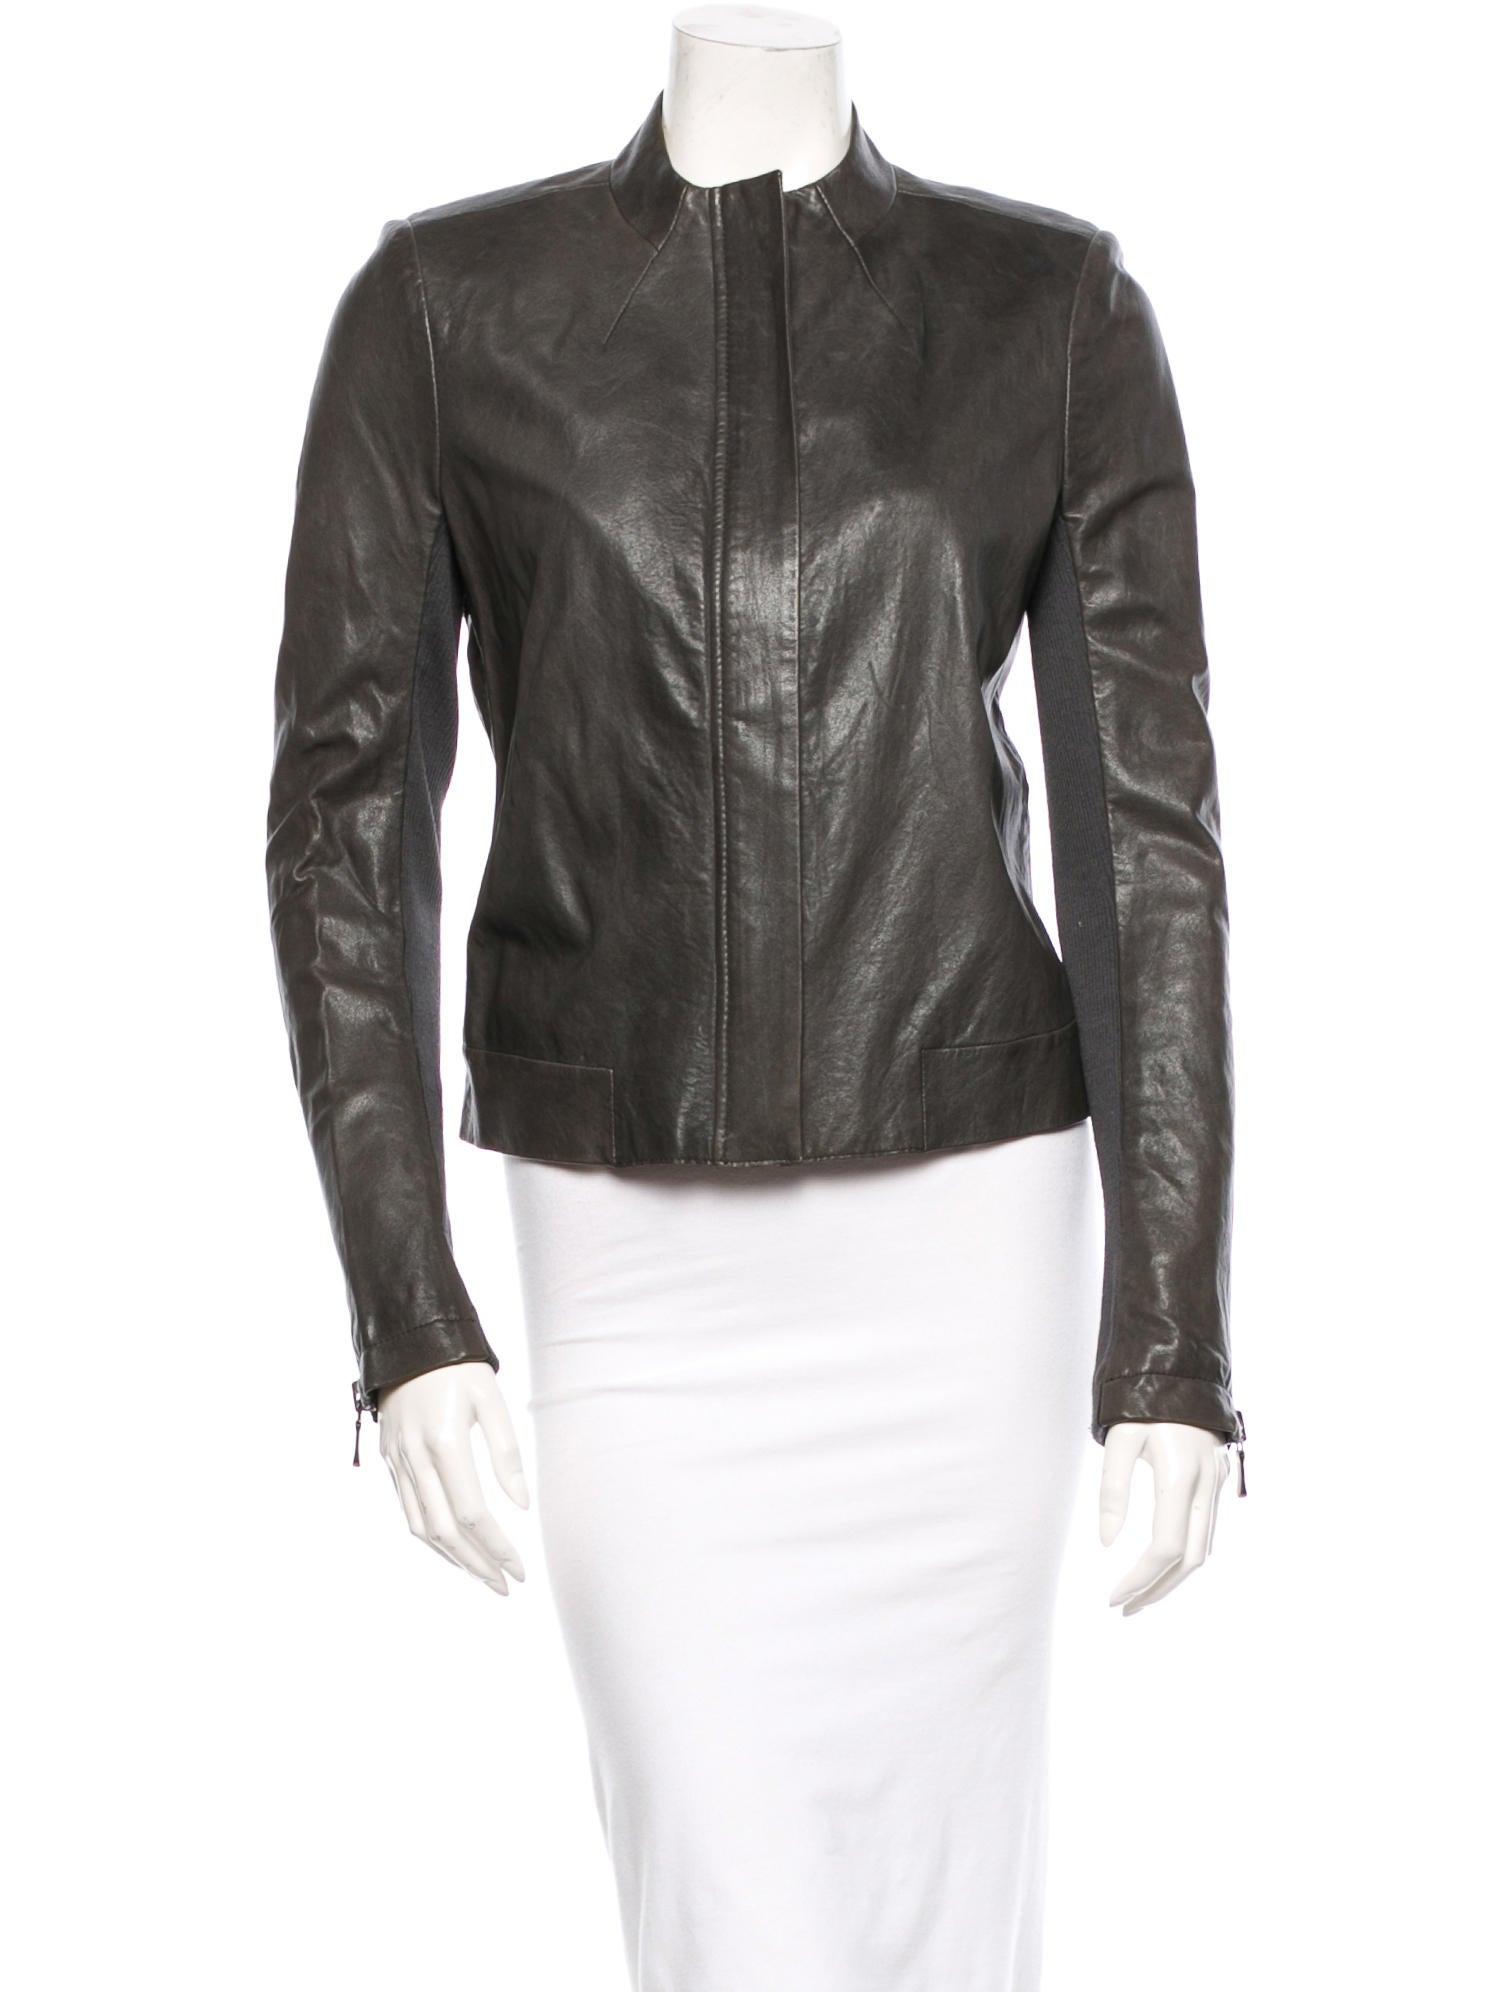 Branded leather jacket